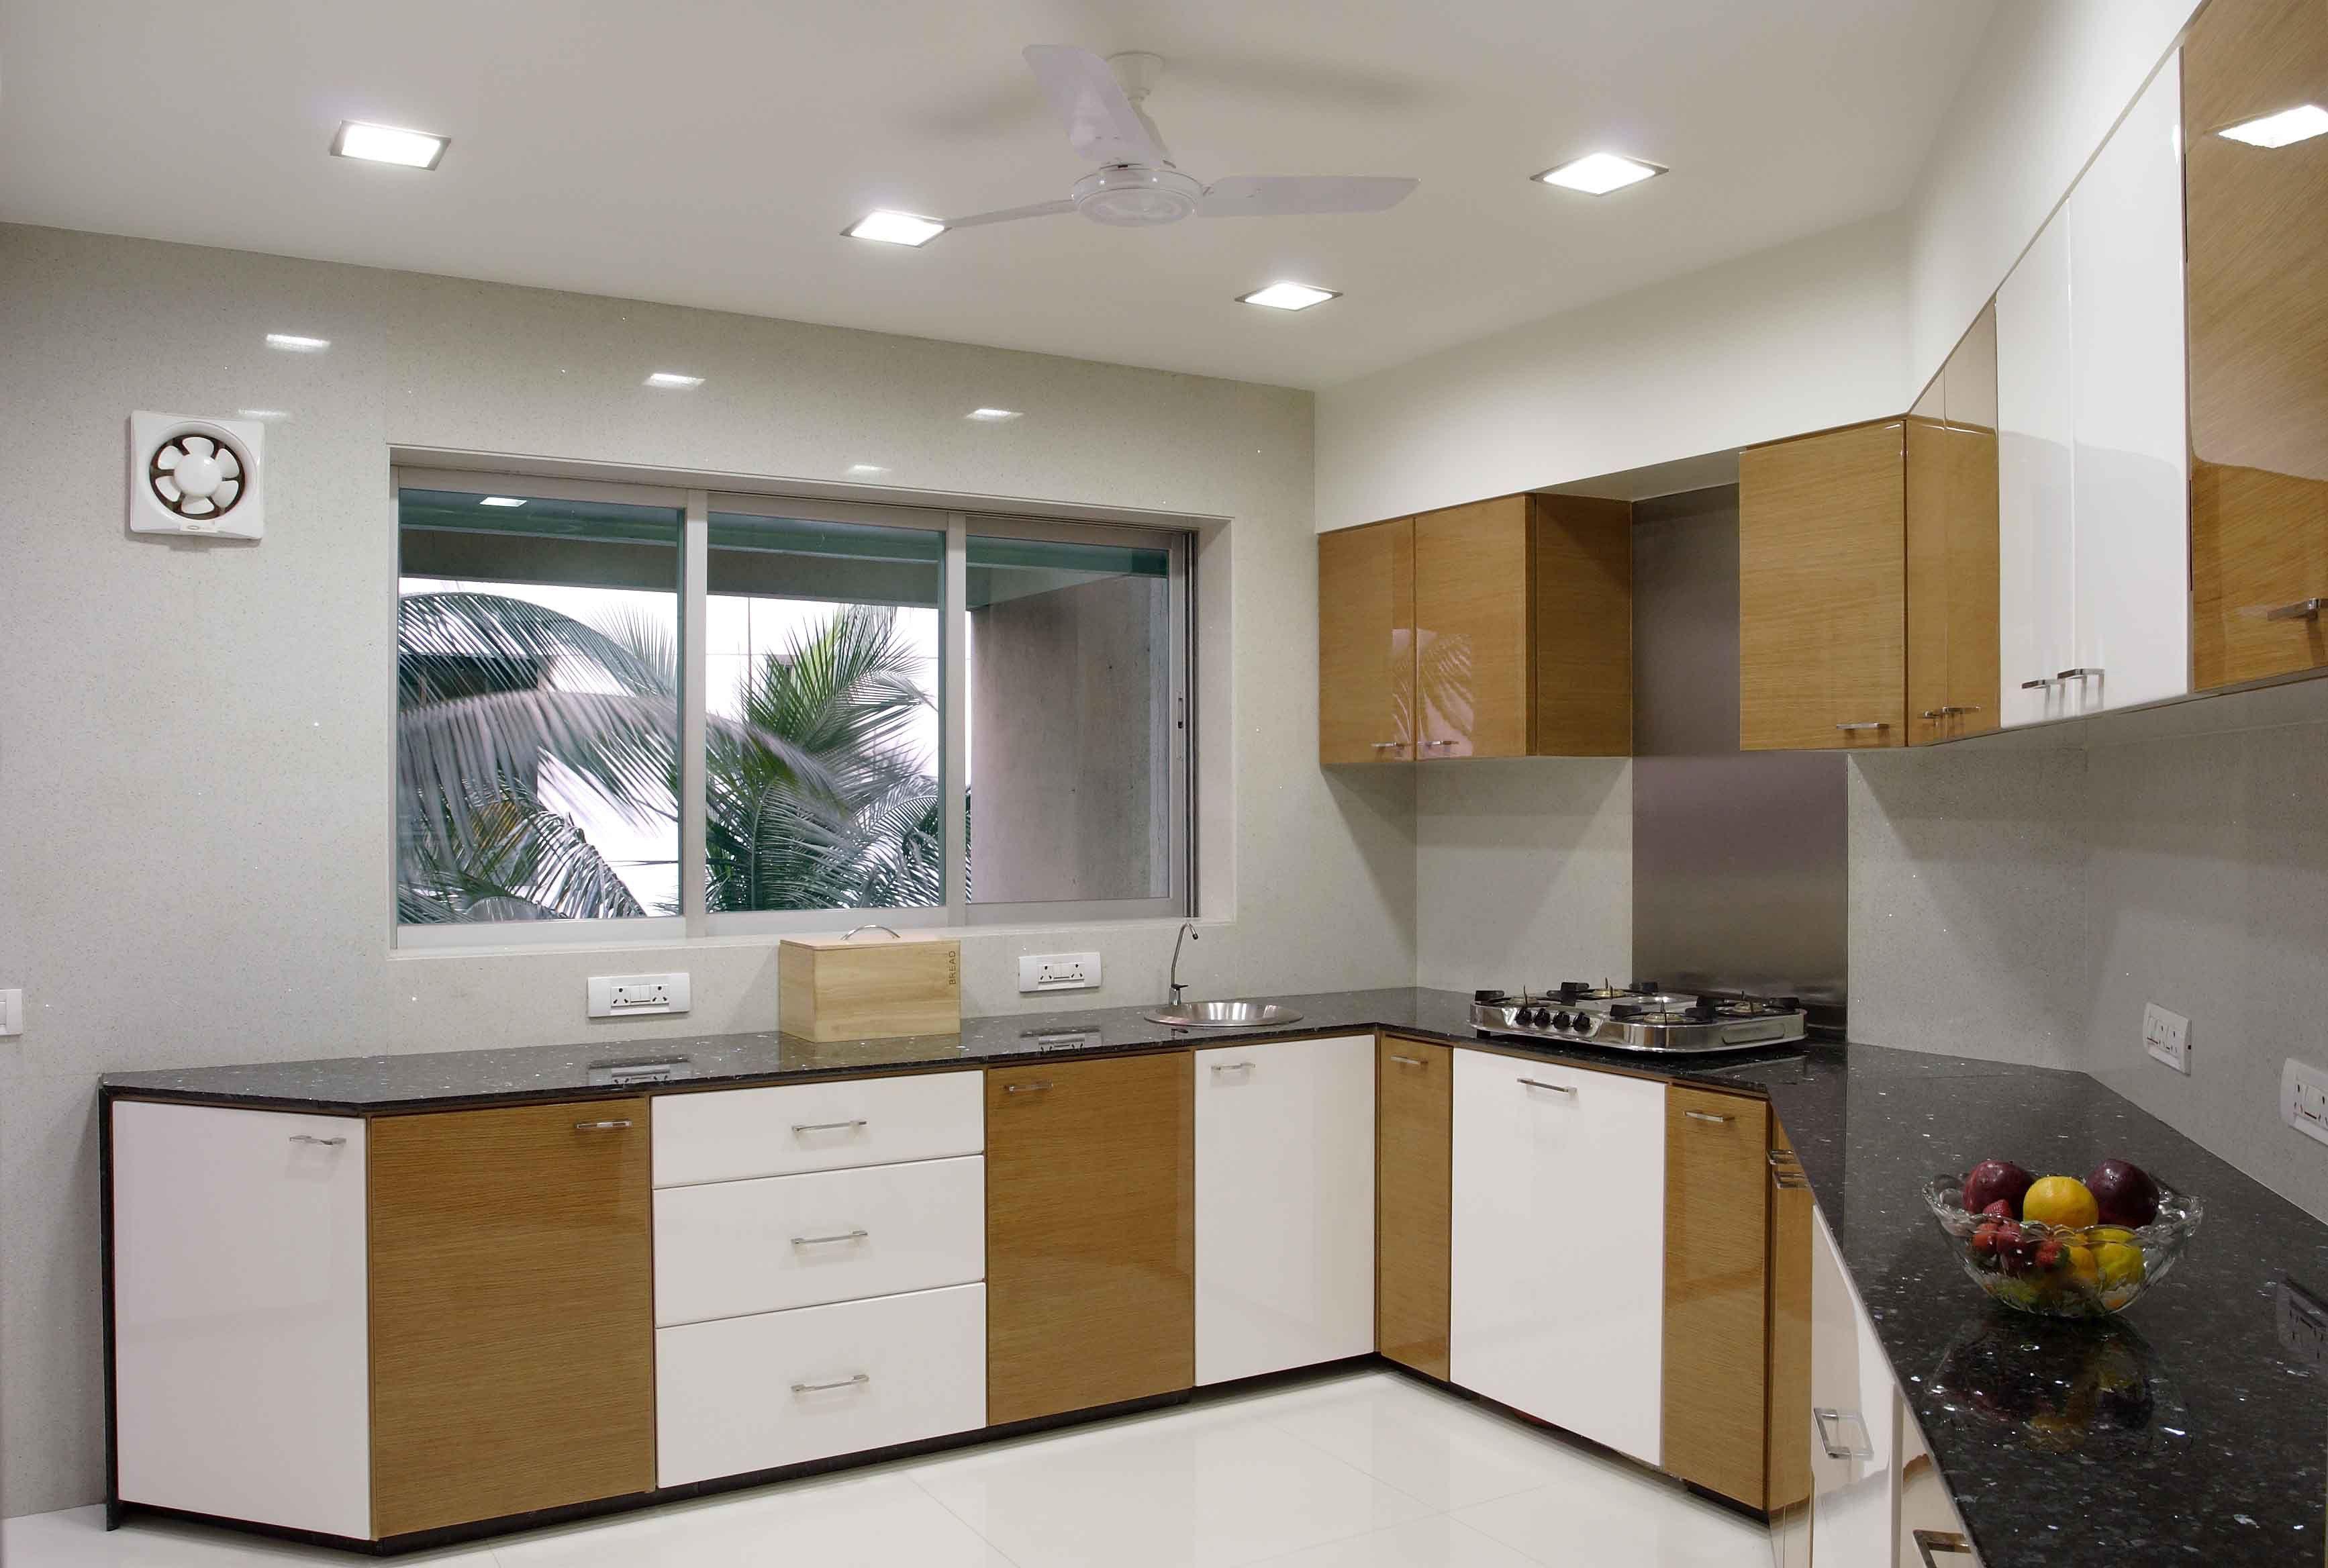 Kitchen Interior Designers Kitchen Design Ideas Modular Kitchen Home Floor  Plans Home Interior Design